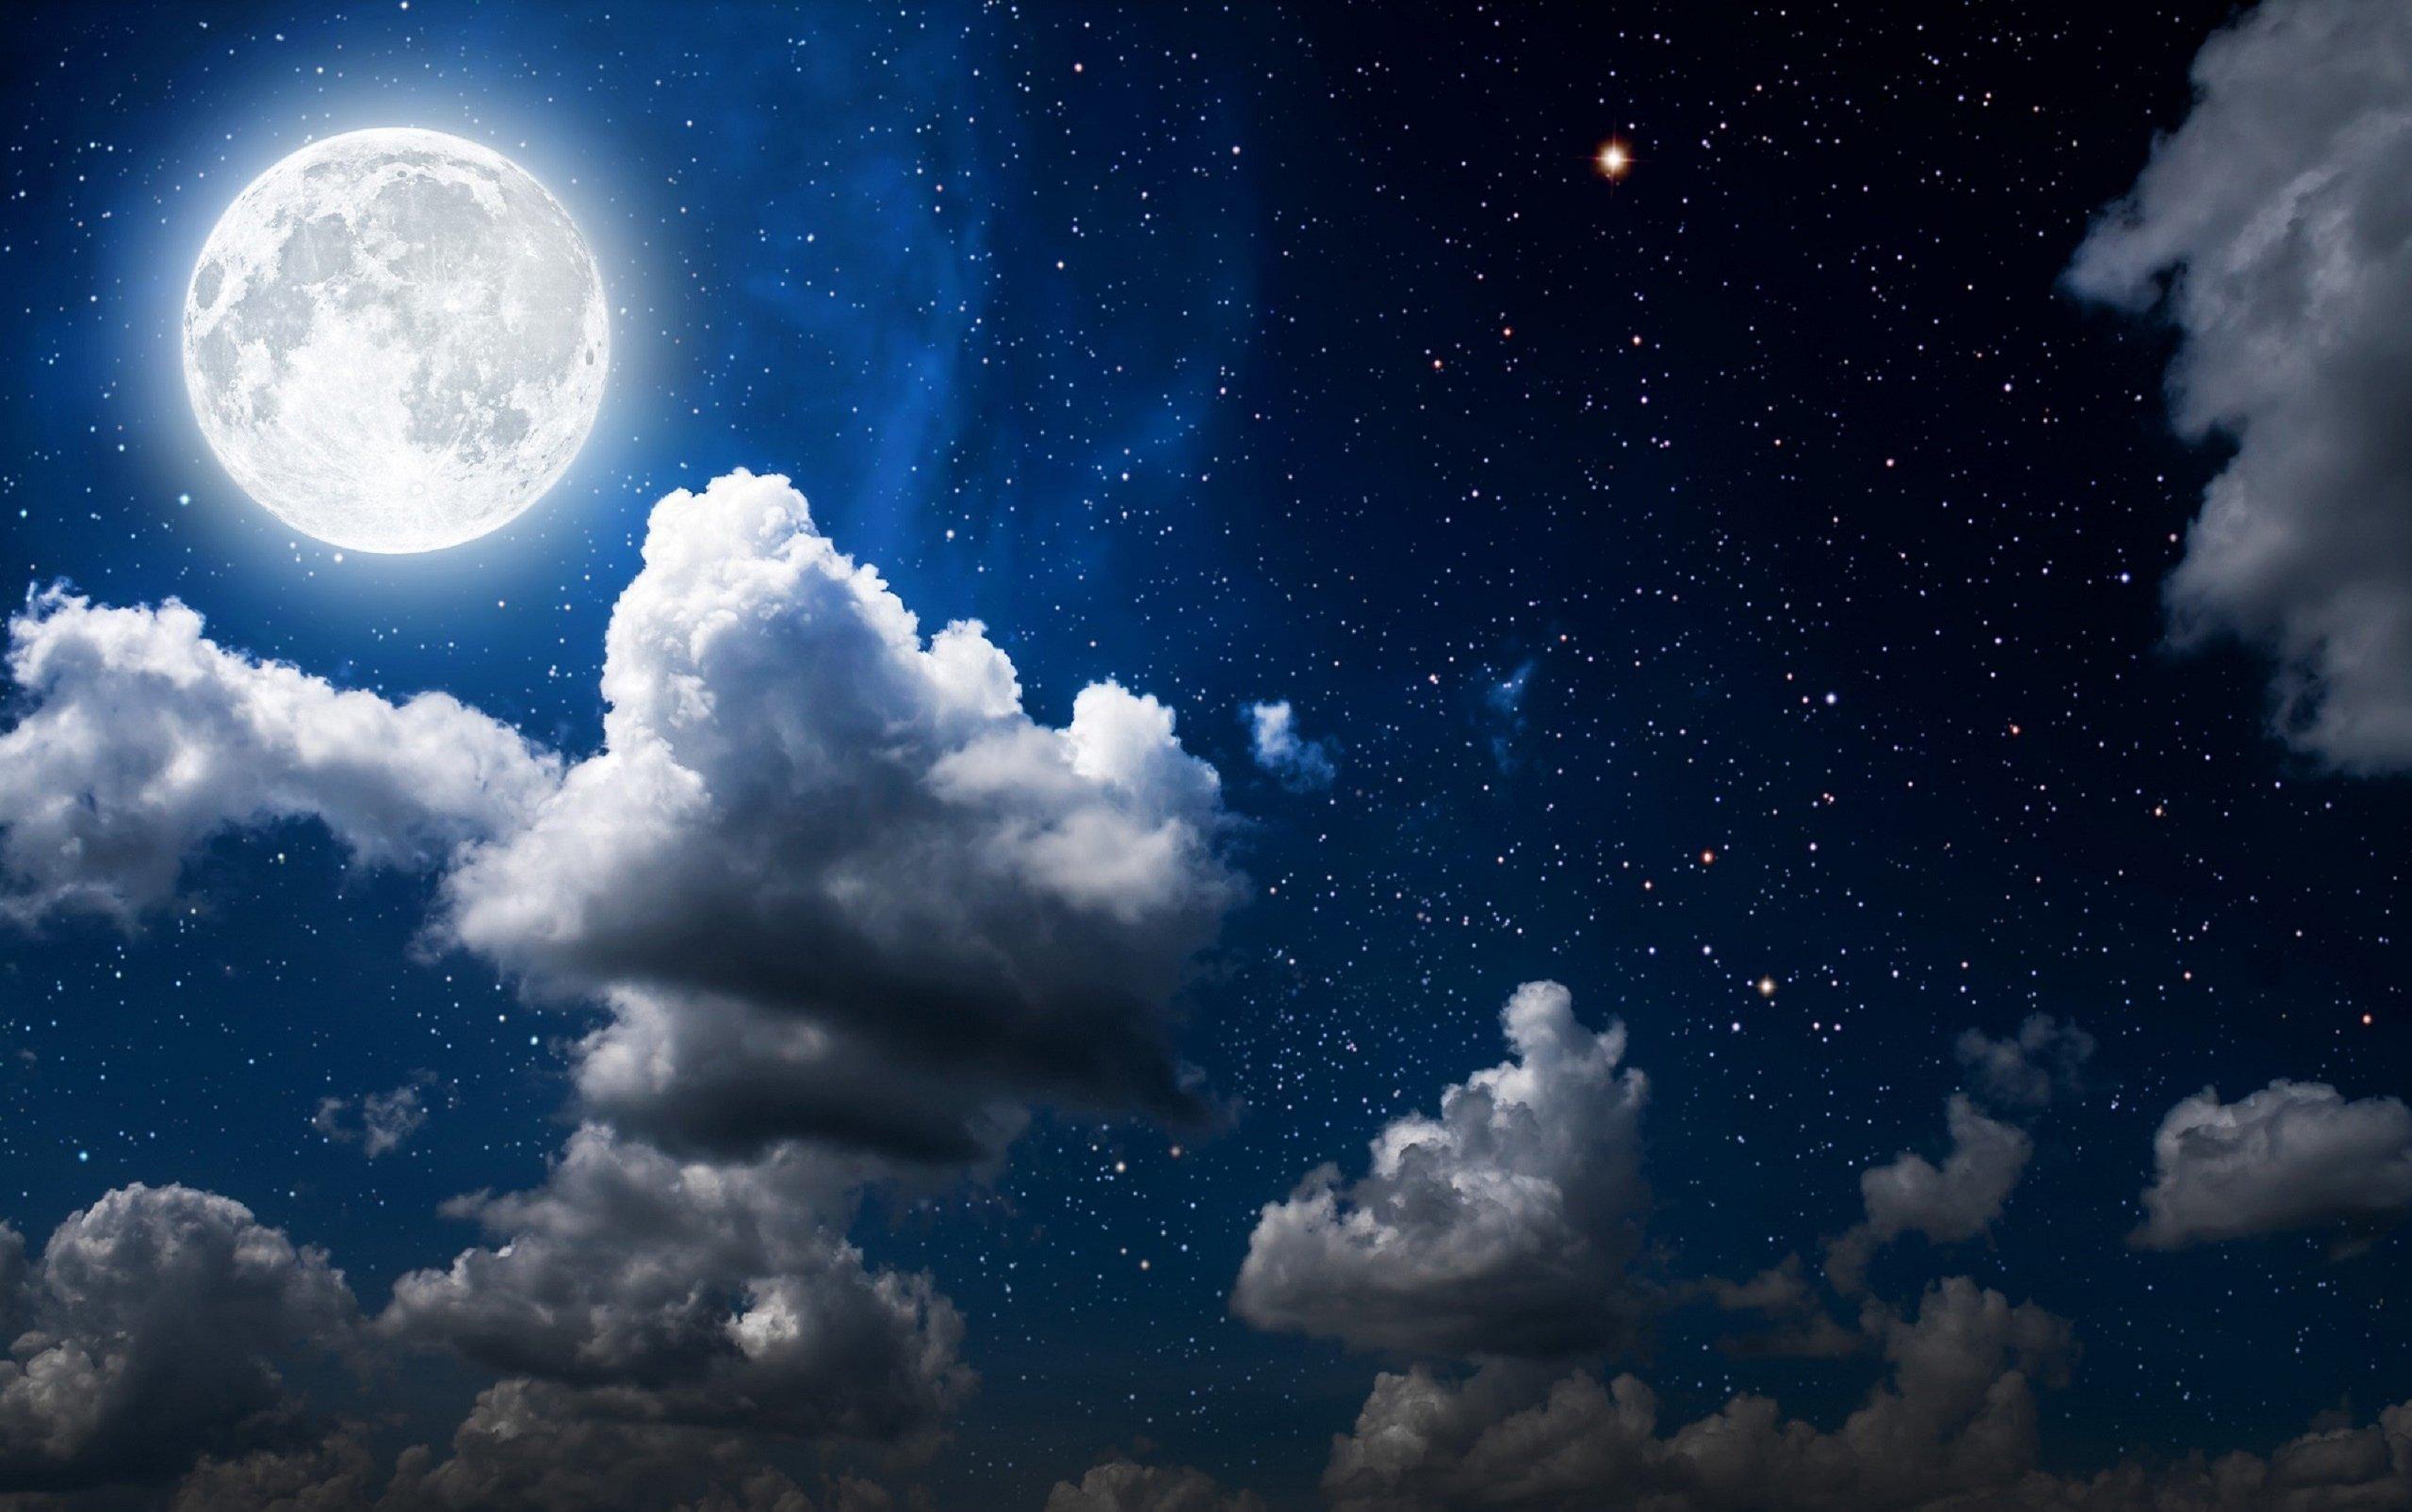 Fondos de pantalla Nubes y la luna de noche